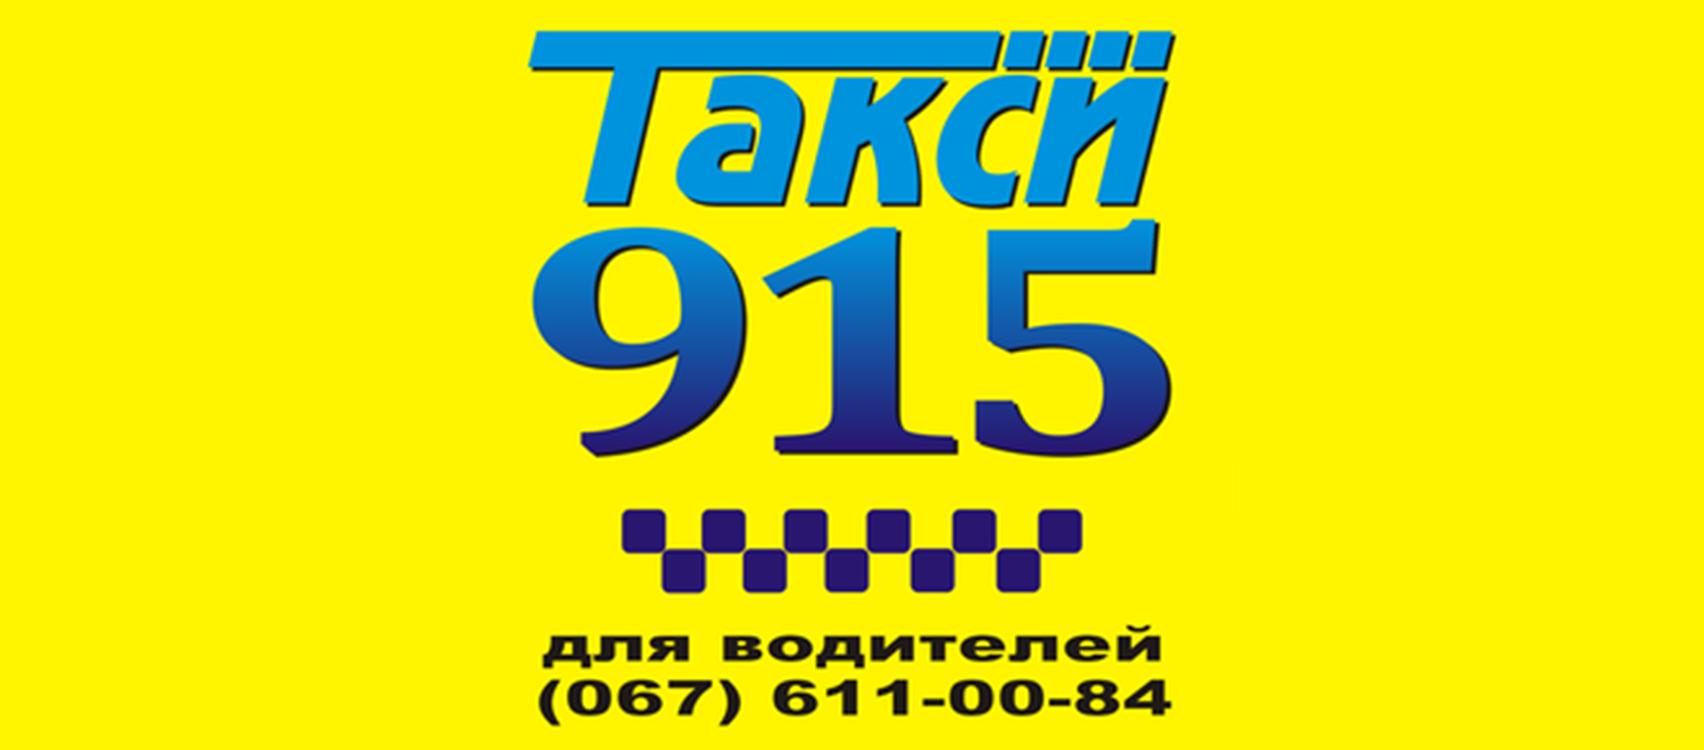 Такси 915  (Запорожье, Чернигов) RegSat